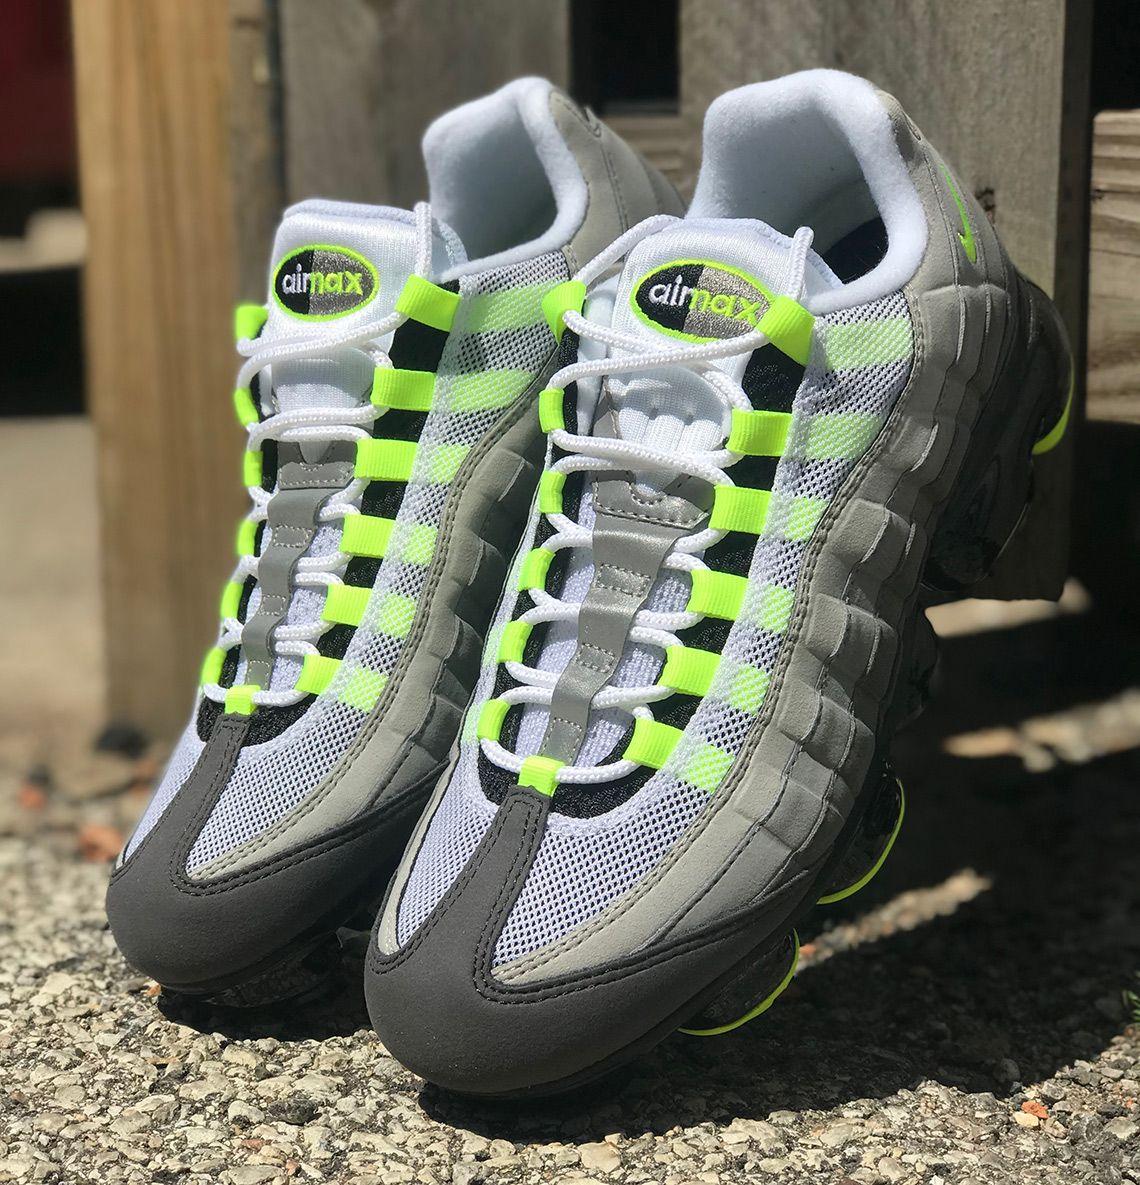 0c2f0be2ea4 Nike Vapormax 95 Neon AJ7292-001 Release Date